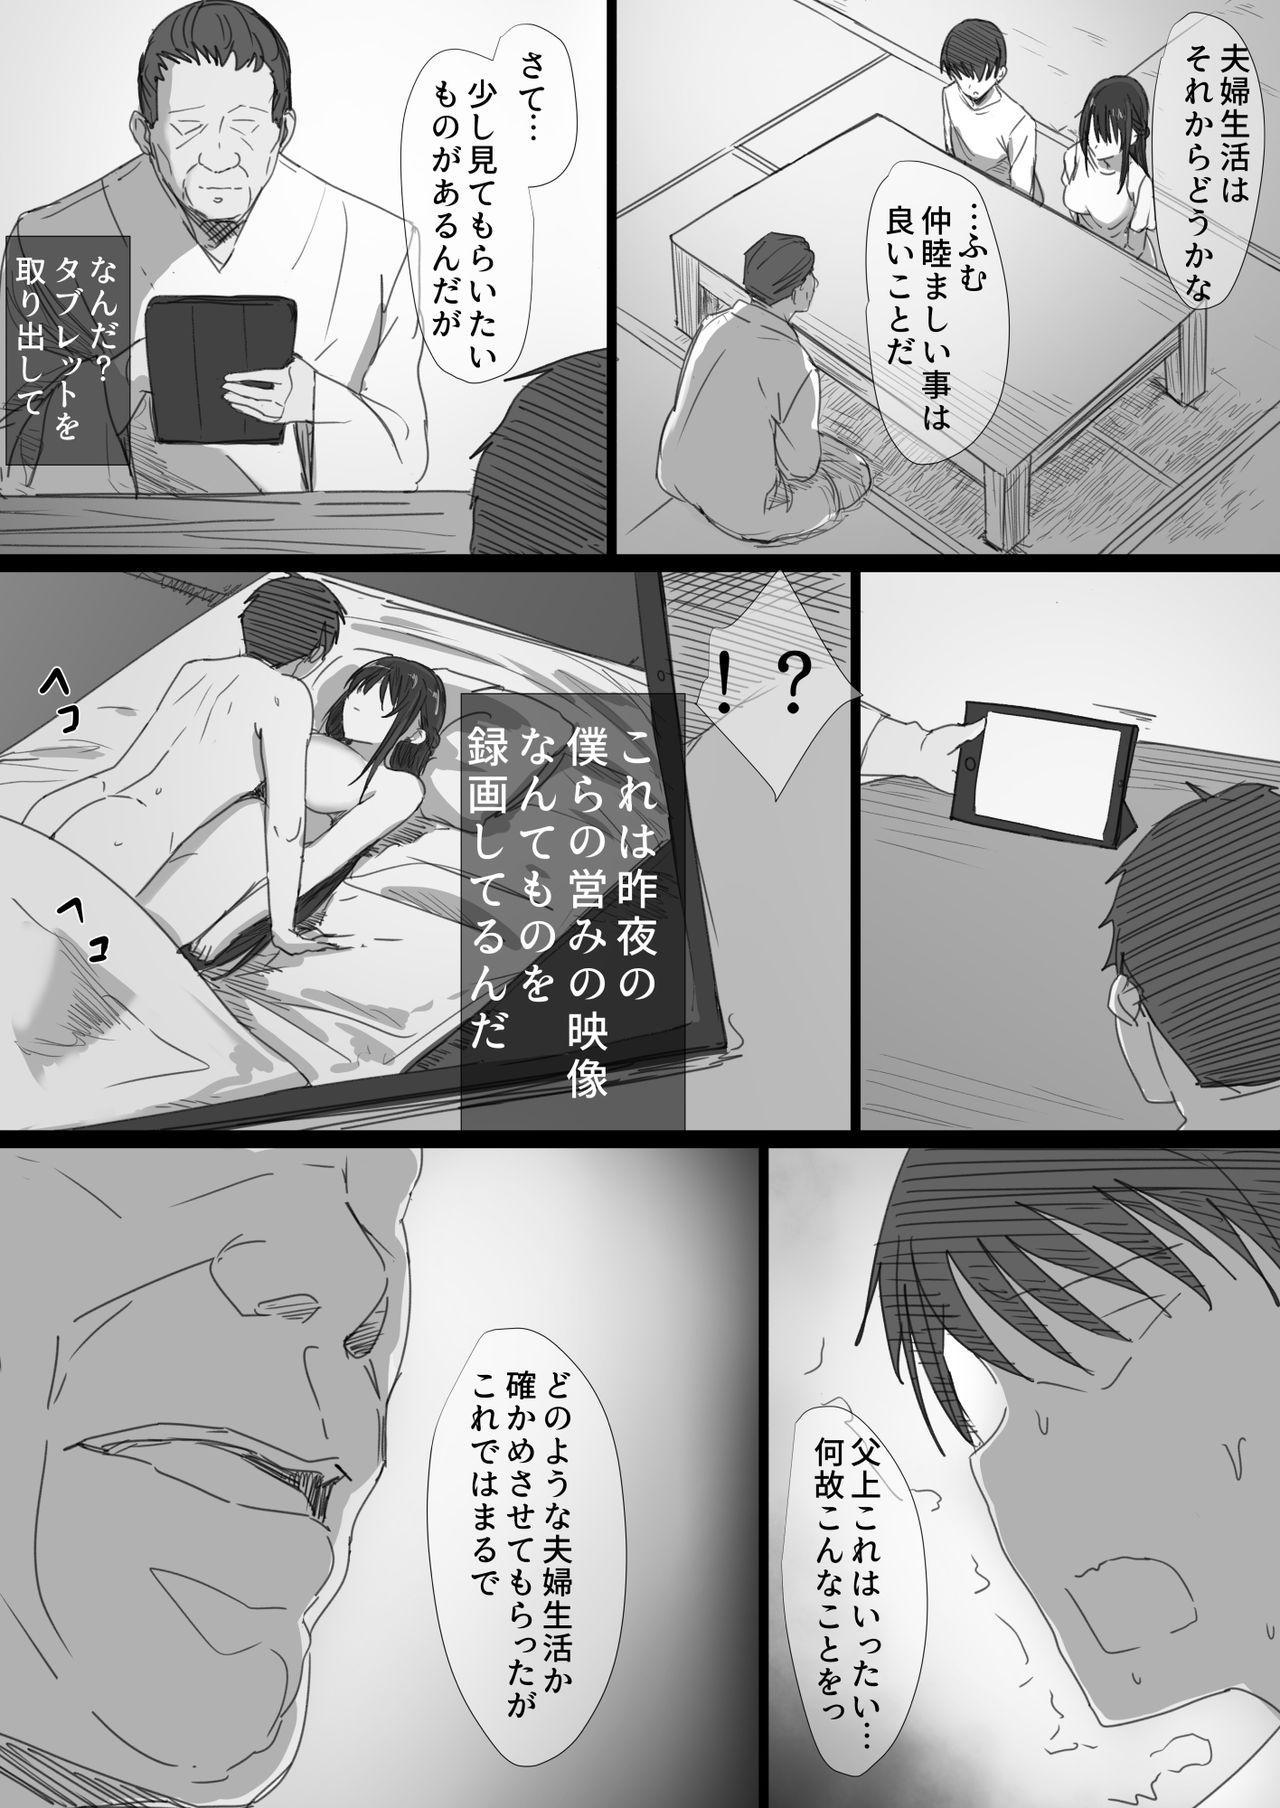 Ki ga Tsuyoi Seiso na Hitozuma Reijou ga Netorareru made no Ichibu Shijuu 11